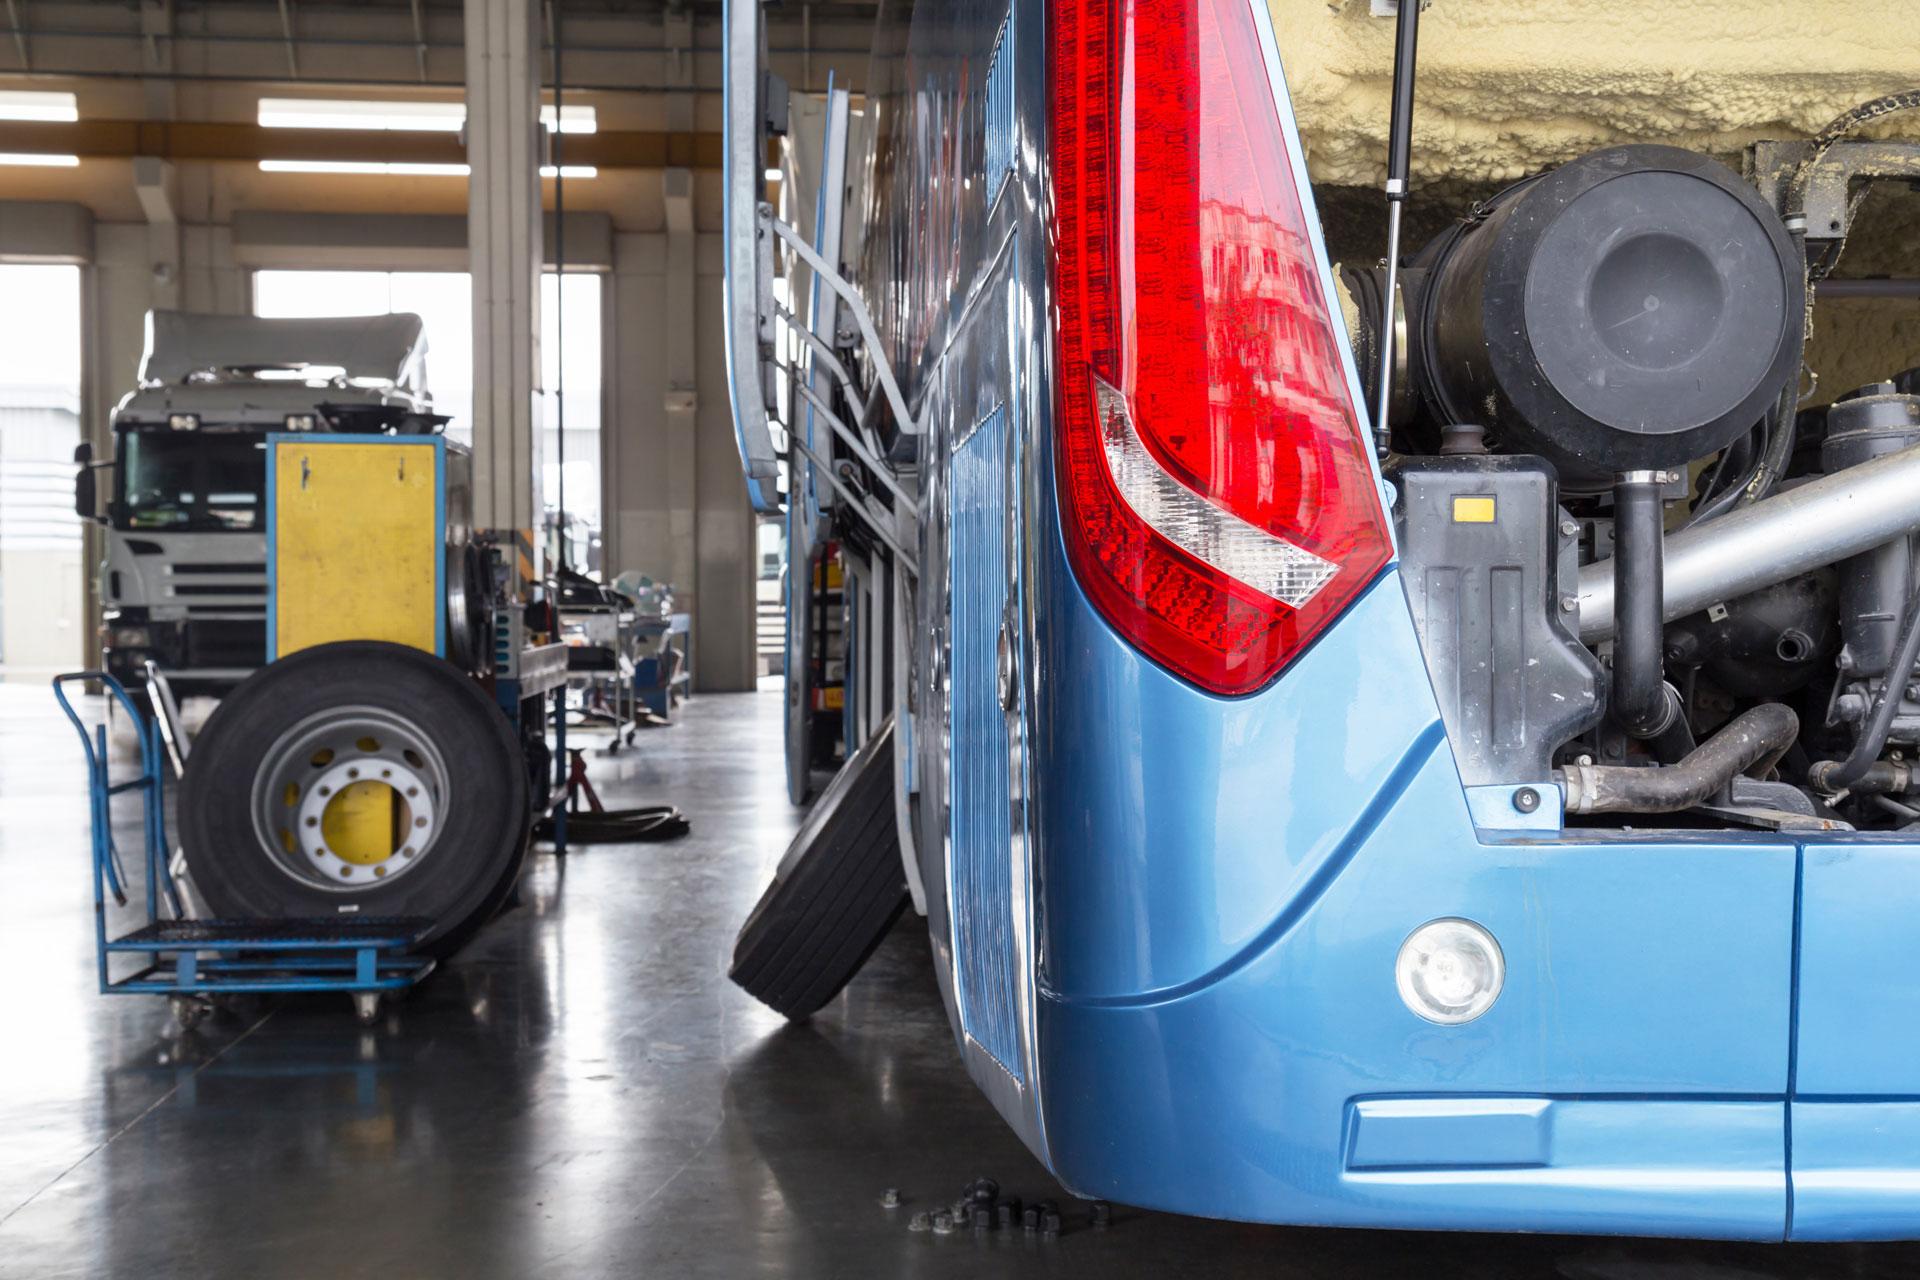 bedrijfswagengroep, bus service, onderhoud, reparatie, apk, tachograafservice, bus, banden, bedrijfswagen